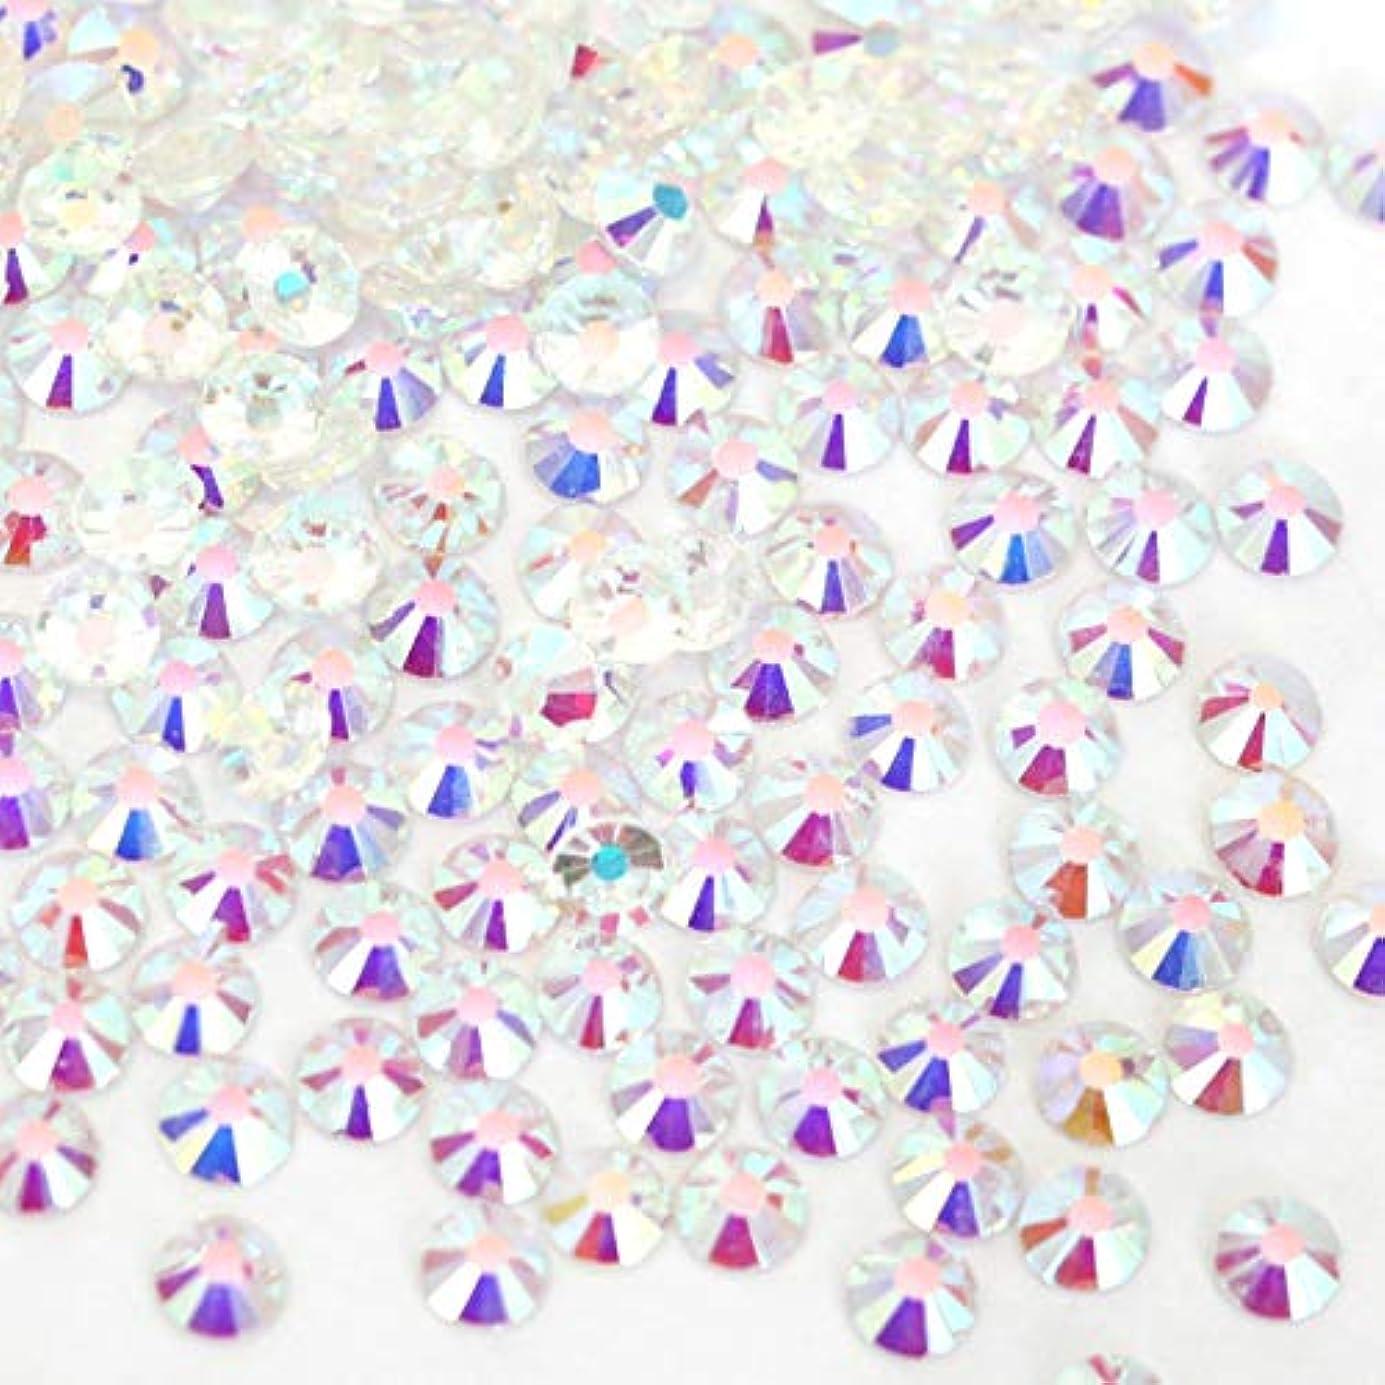 しかしながら消去反論【ラインストーン77】 ガラス製ラインストーン オーロラクリスタルアンホイル(透明底)各サイズ選択可能 スワロフスキー同等 (SS10 約200粒)